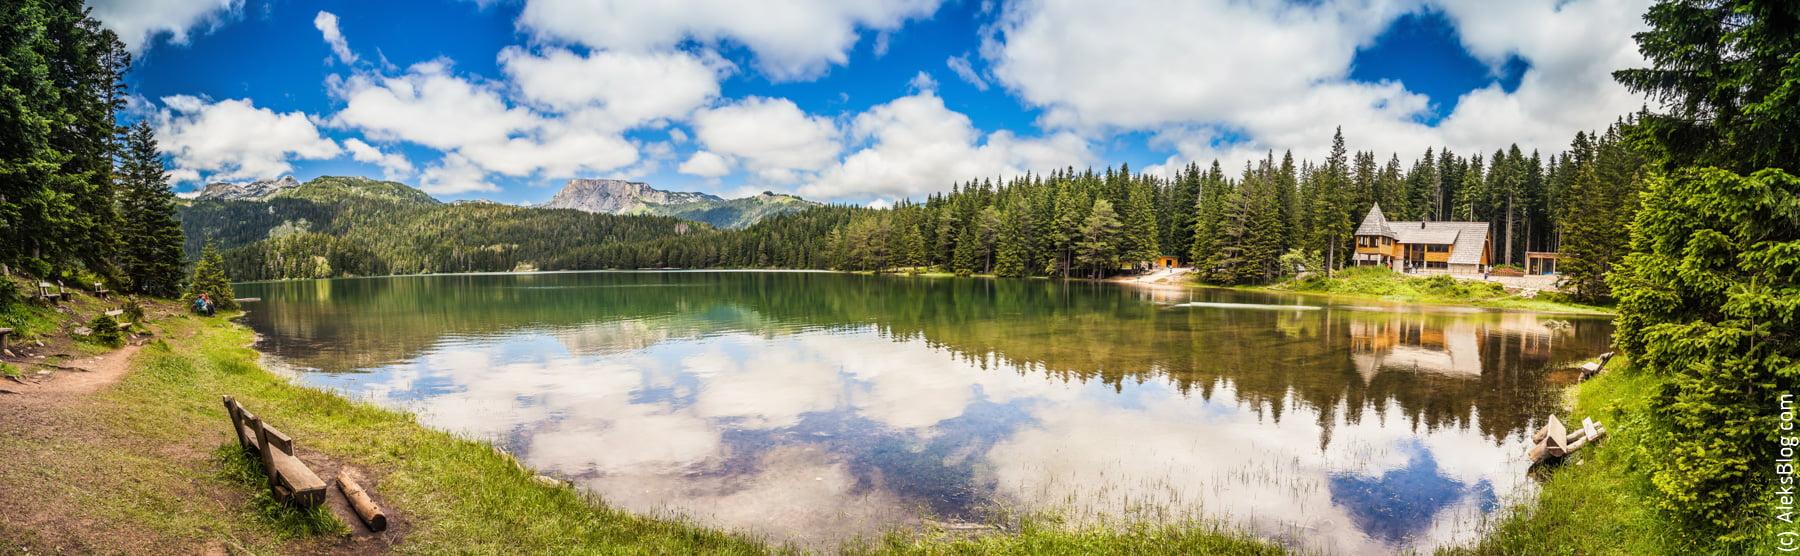 Черногория Дурмитор озеро